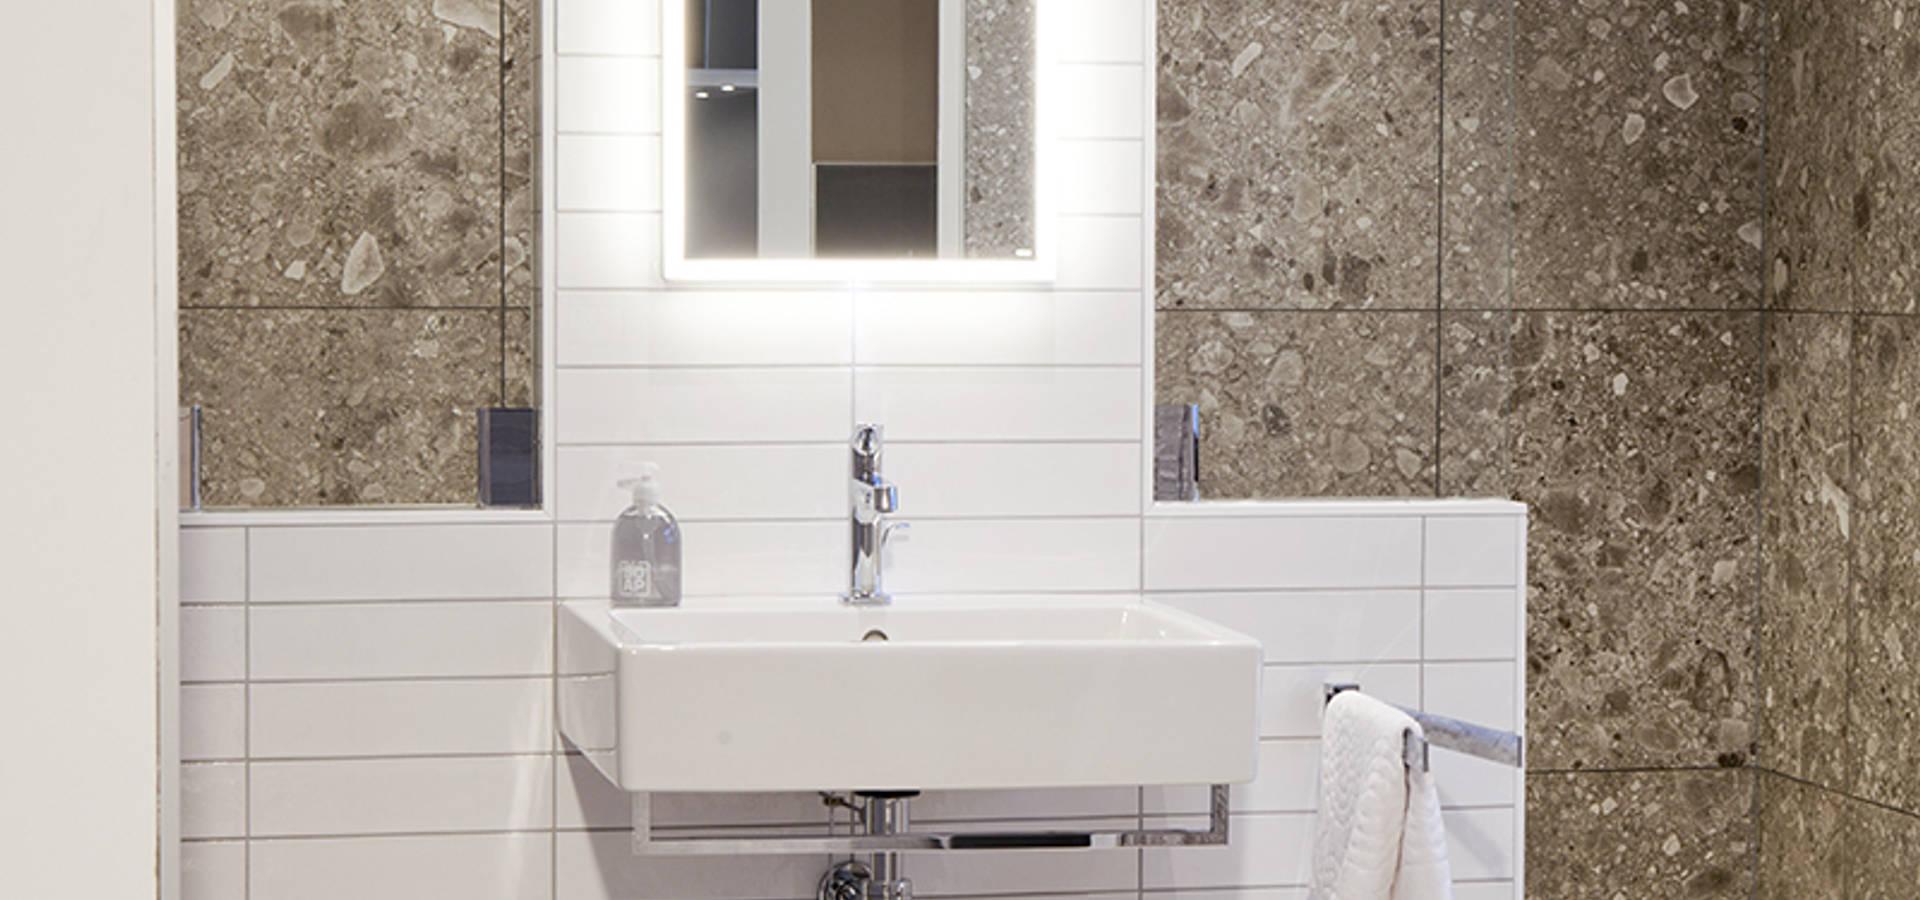 Natuurlijke badkamer door Van Wanrooij keuken, badkamer & tegel ...